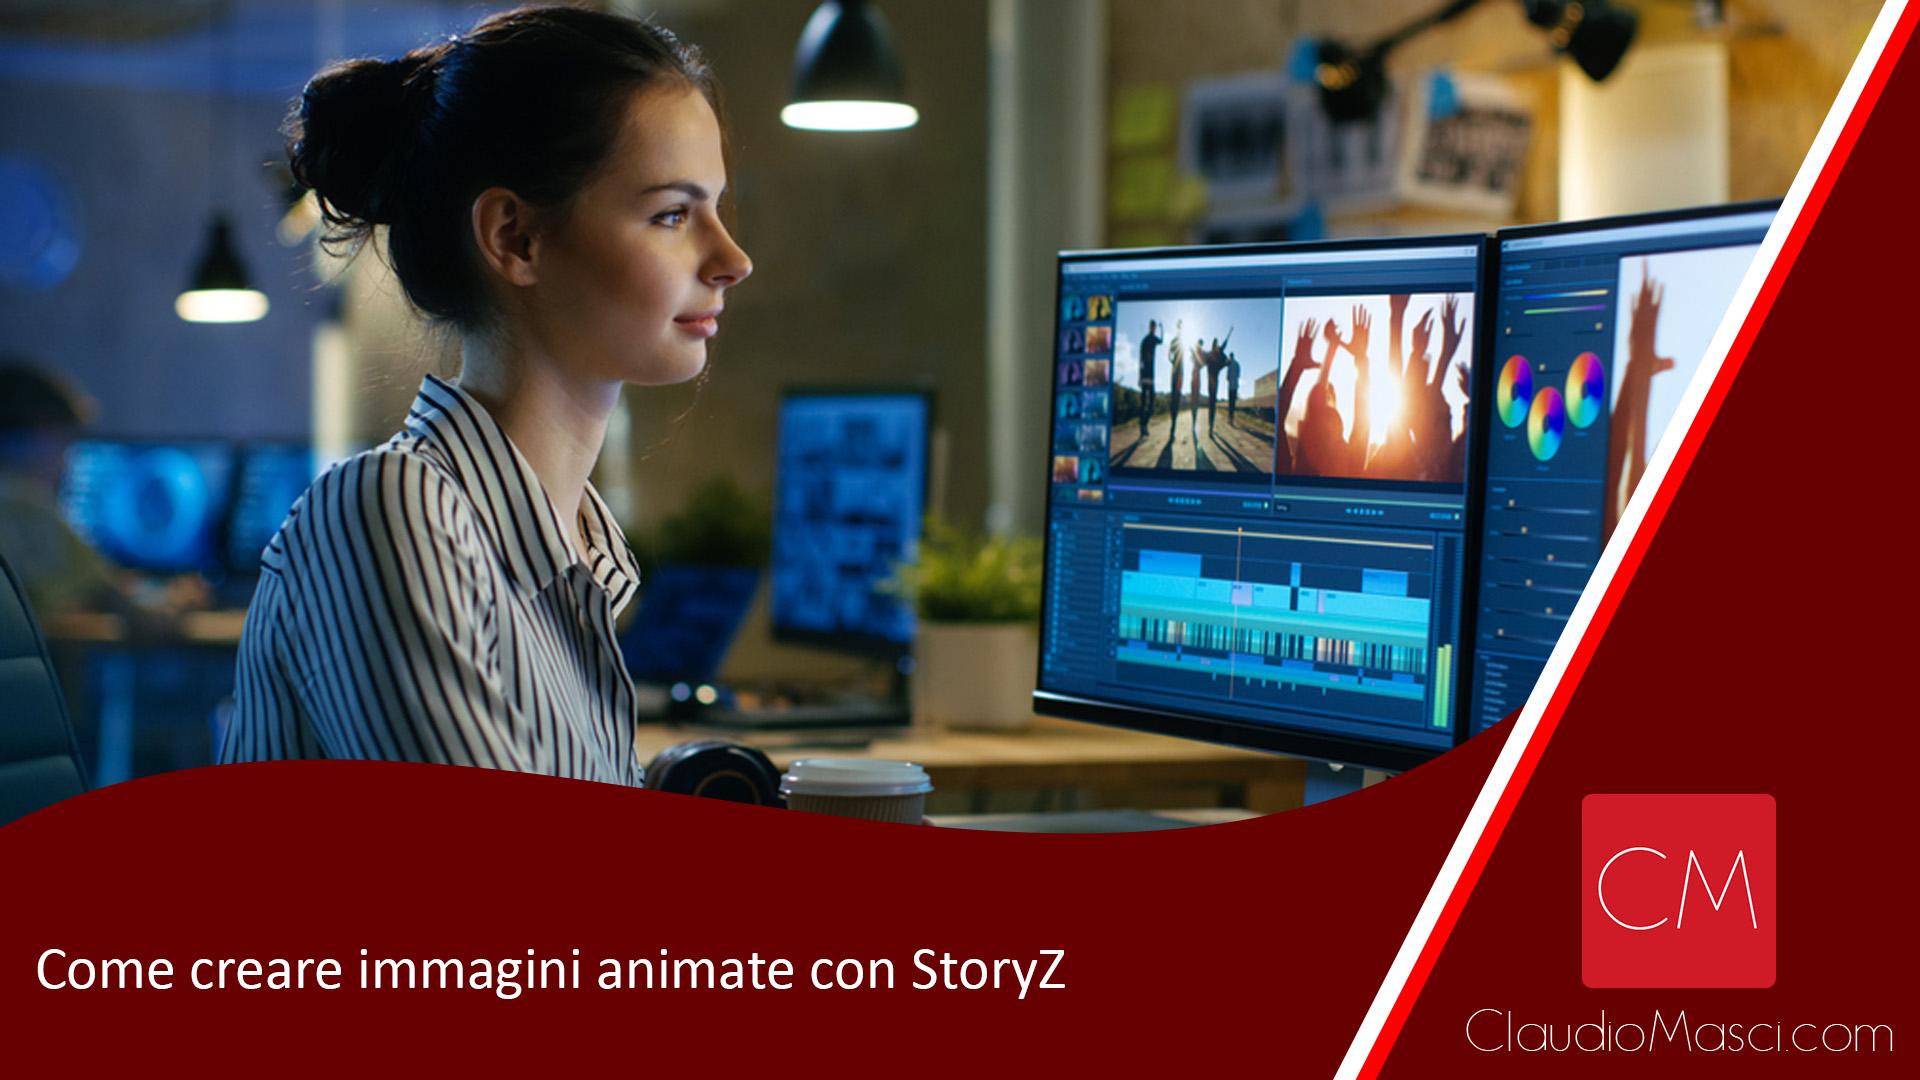 Come creare immagini animate con StoryZ